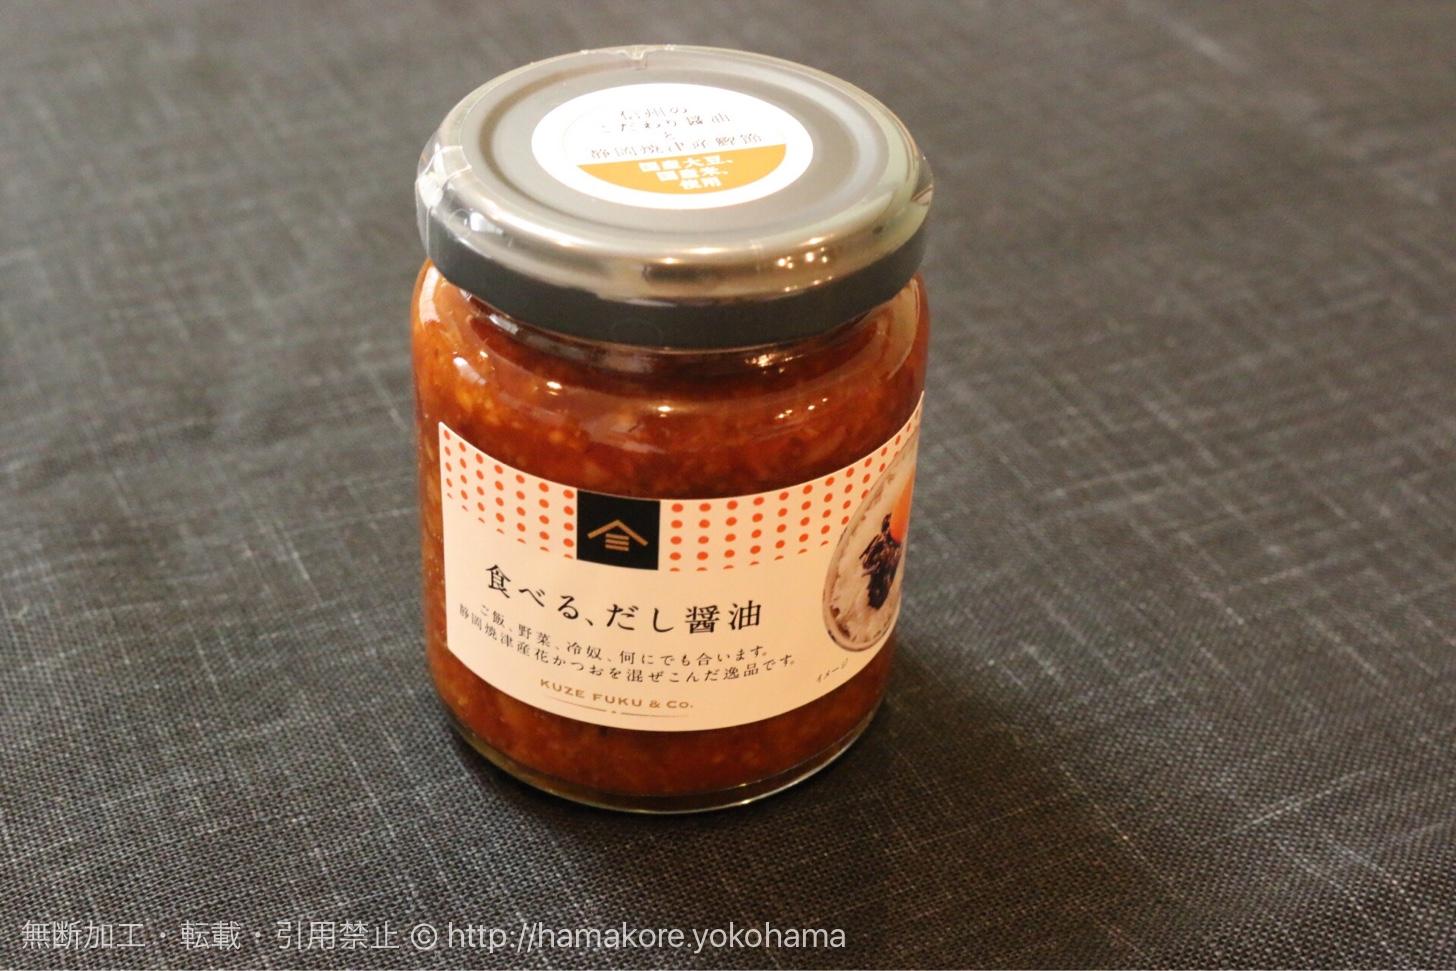 テレビで話題!食べるだし醤油が横浜駅「久世福の献立屋」に山積み(1人5個まで)